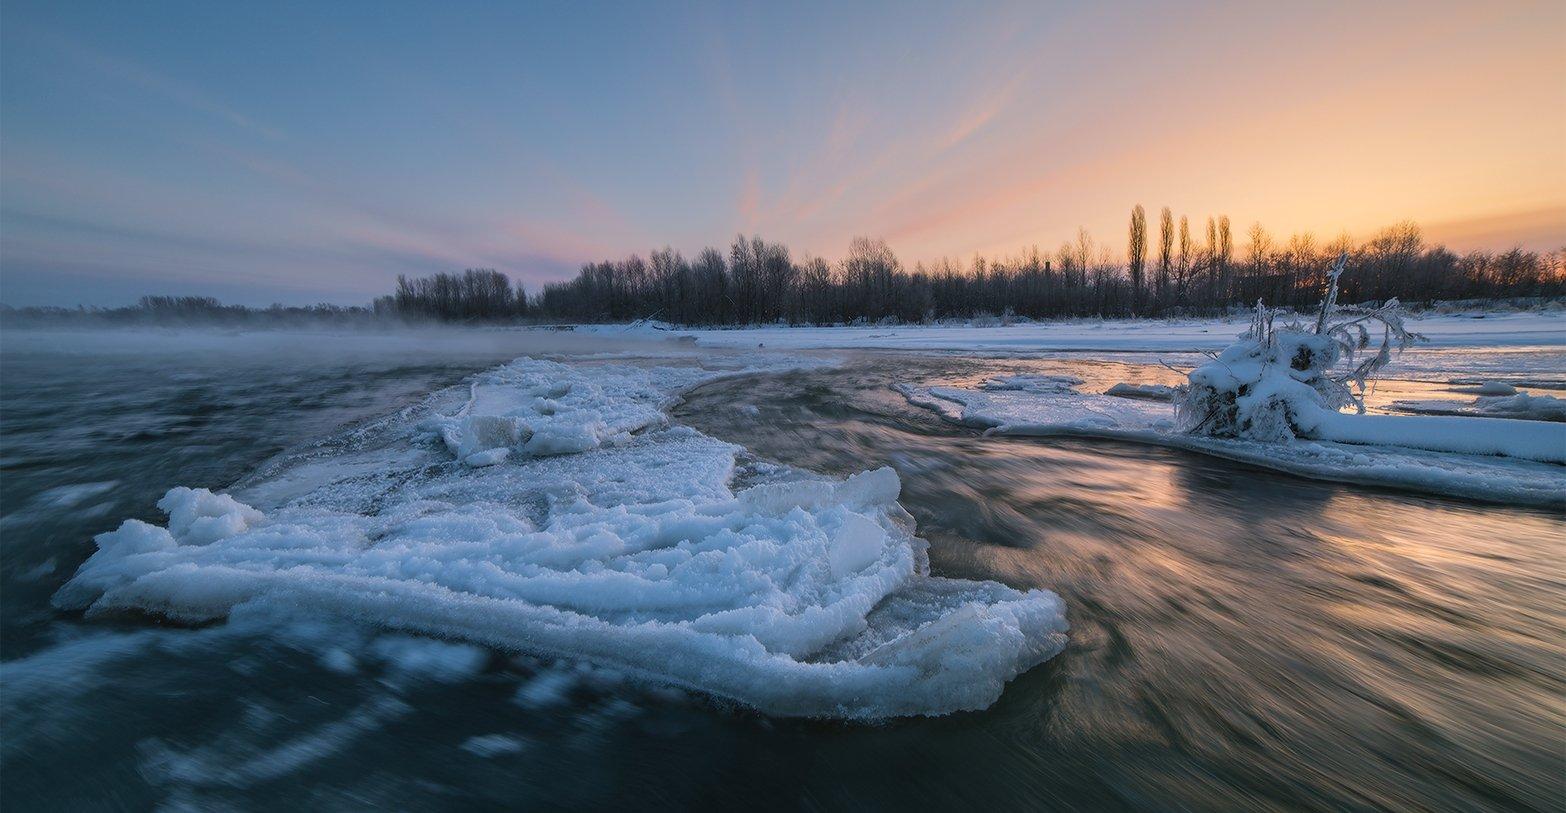 февраль рассвет мороз река лаба ледяной остров, Николай